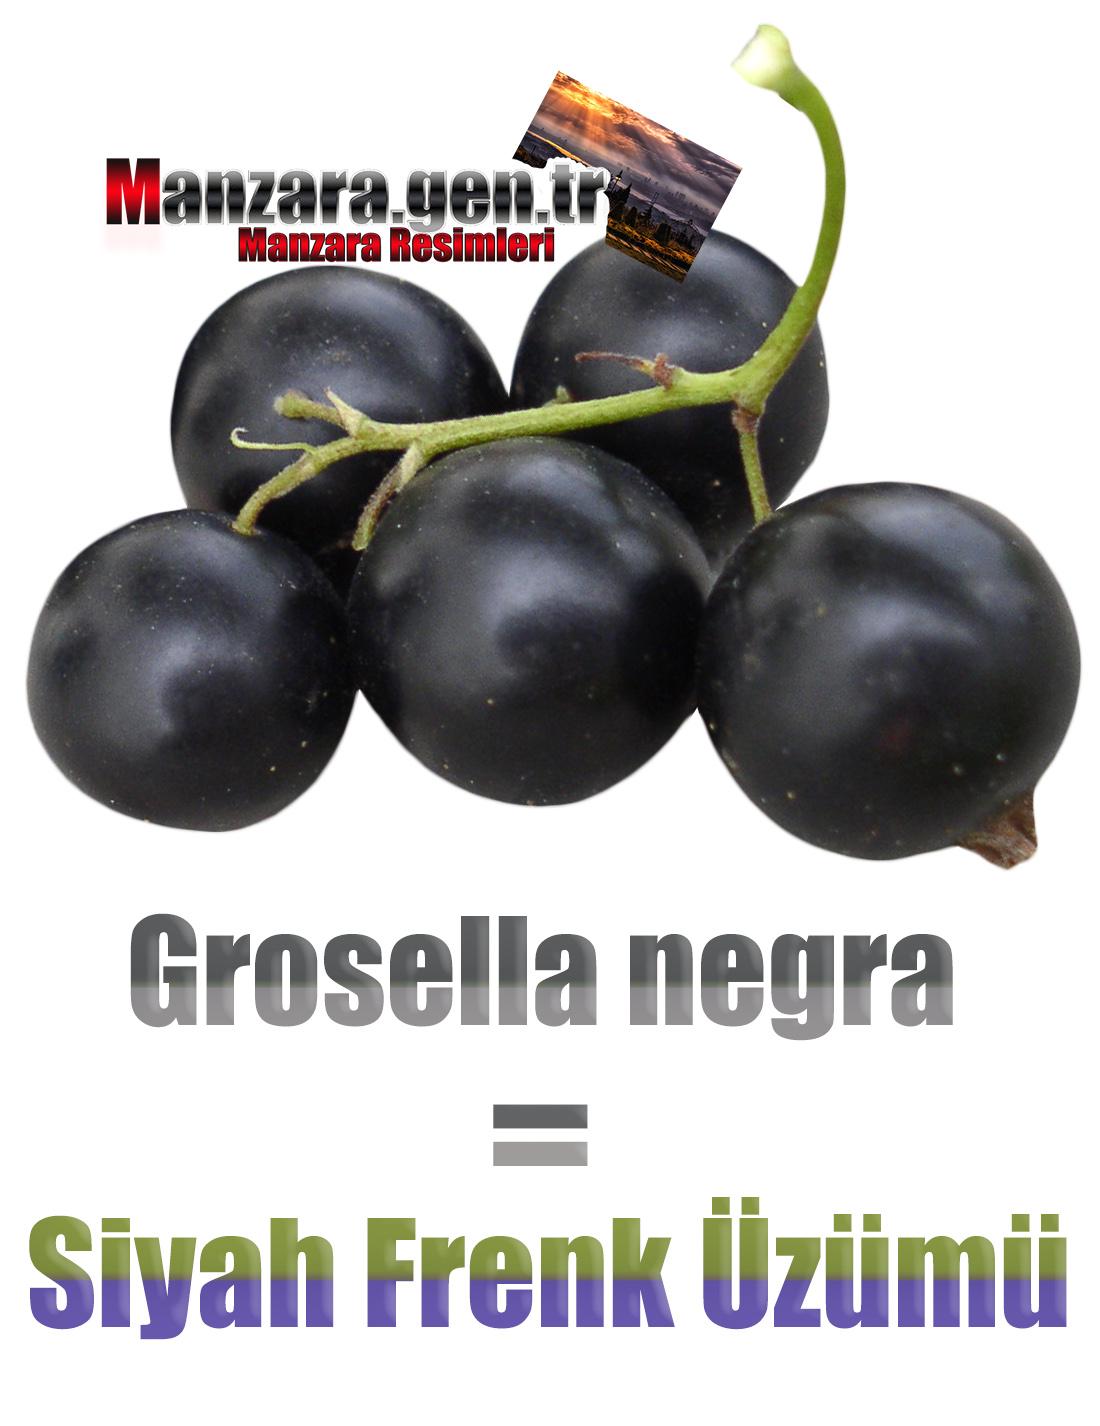 Siyah Frenk Üzümü İspanyolcası (Grosella negra)